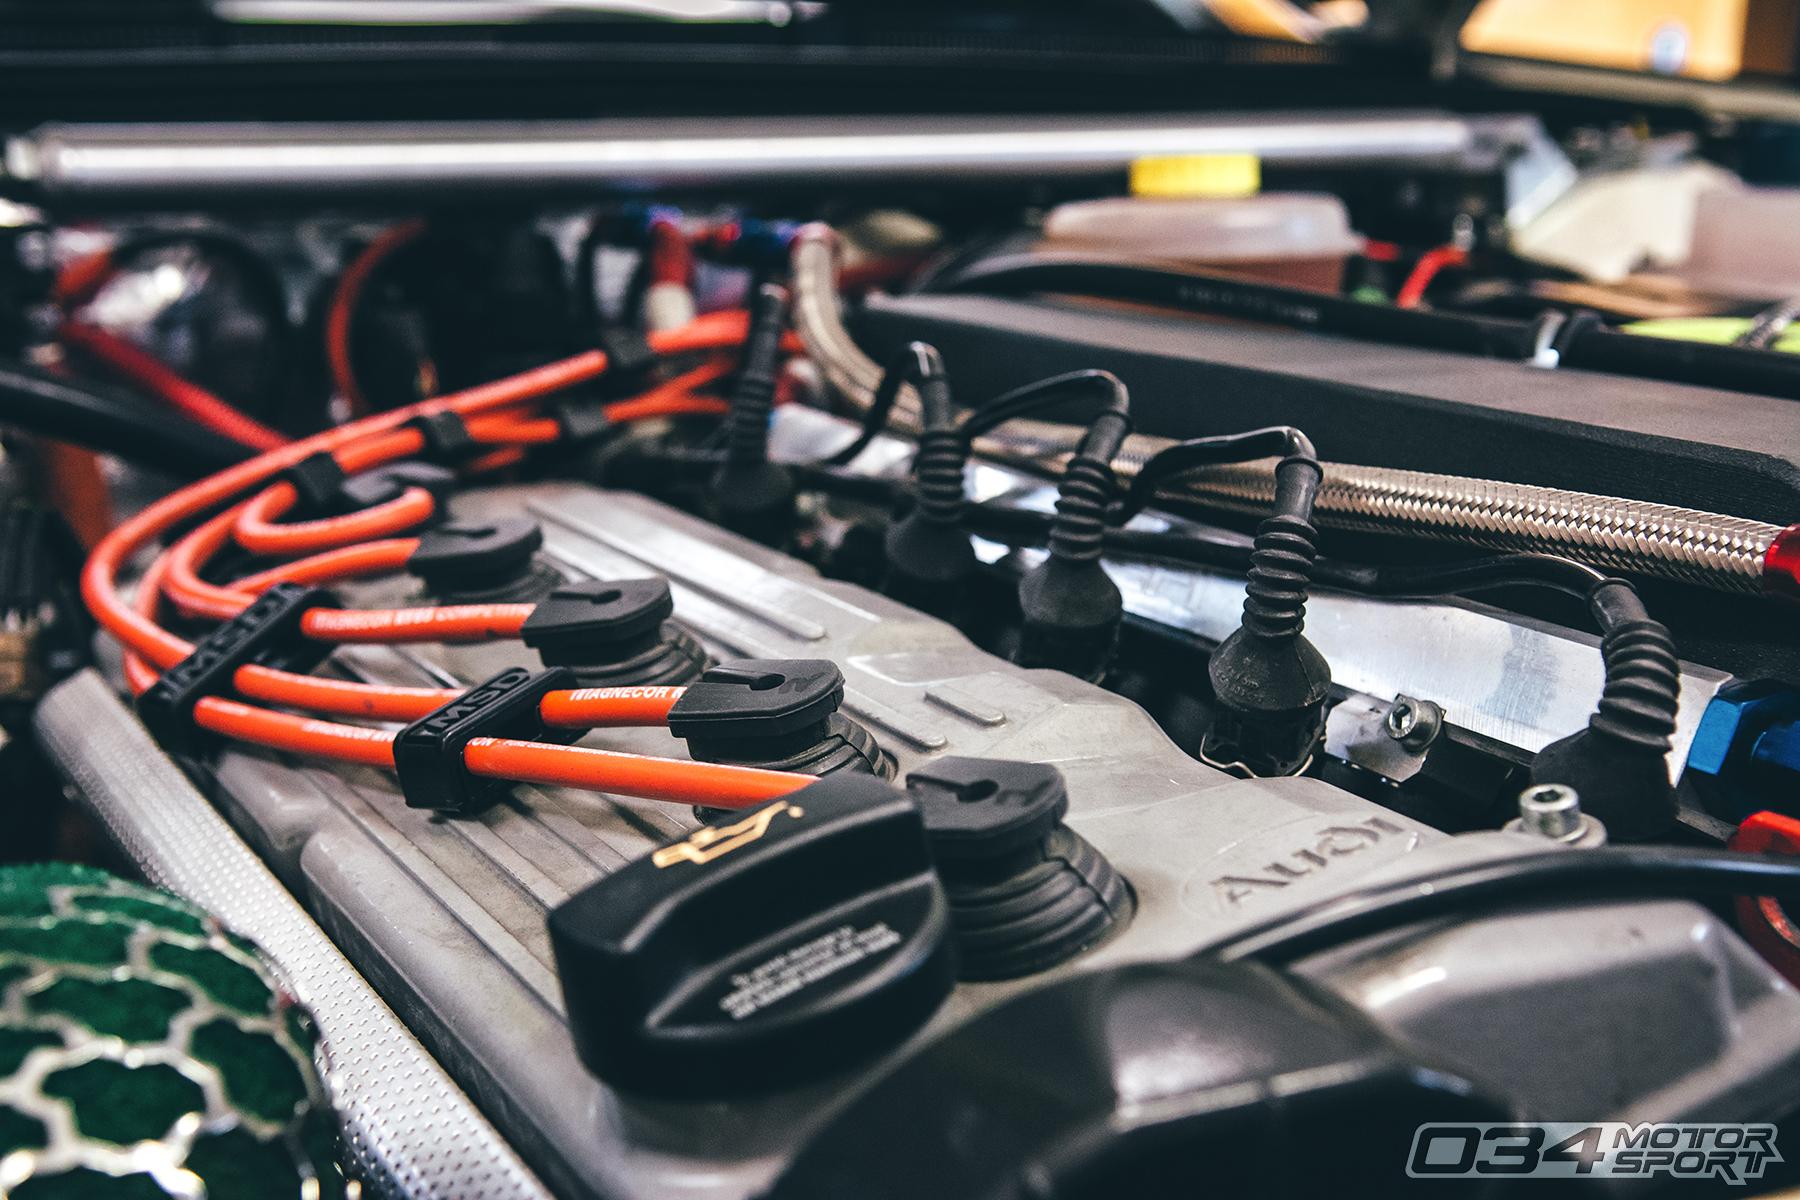 Audi 7A 5 Cylinder 20V Motor in 1991 Audi 90 Quattro 20V